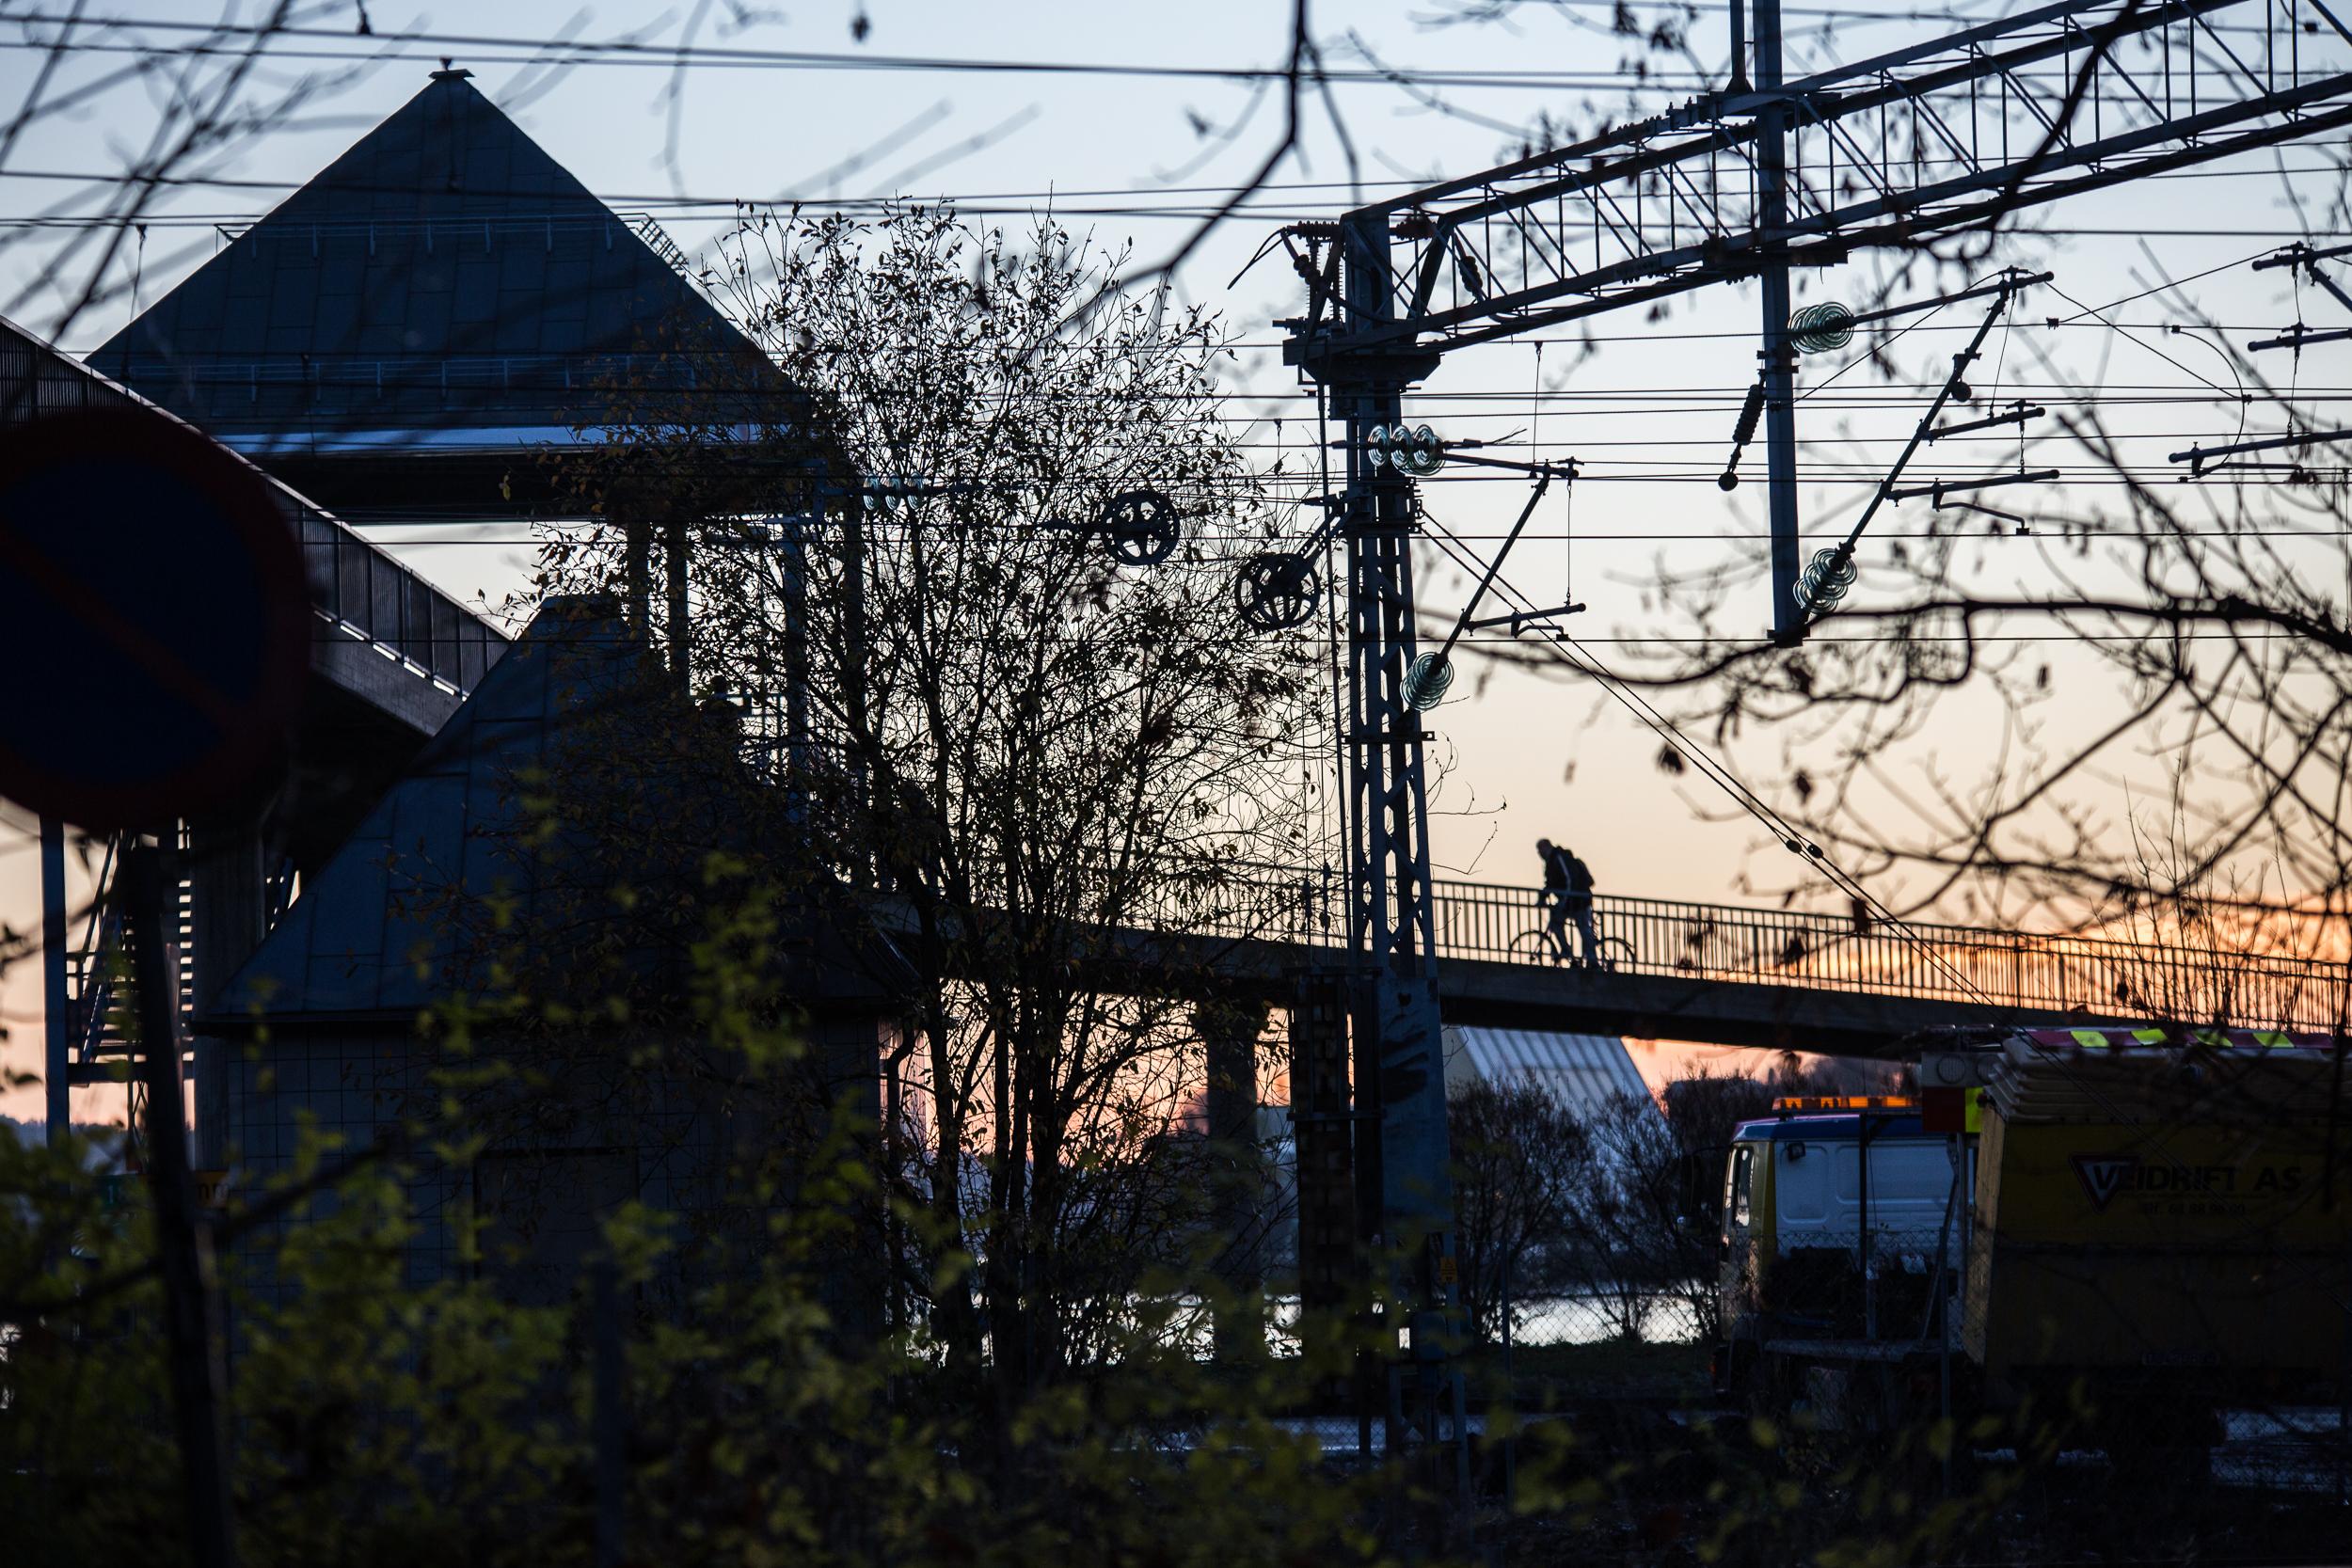 151115_fausko_oslo_skillebekk_cityscape_solnedgang-5.jpg